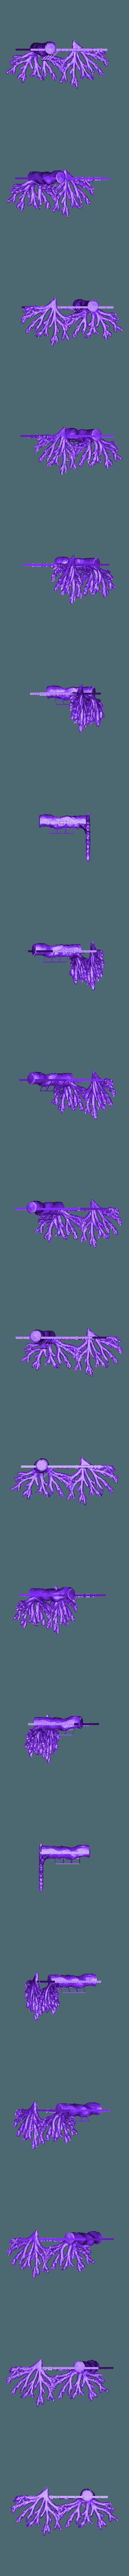 window3afix.stl Download free STL file Fenster - ansichten und einsichten mit wurzelwerk • 3D printer design, syzguru11